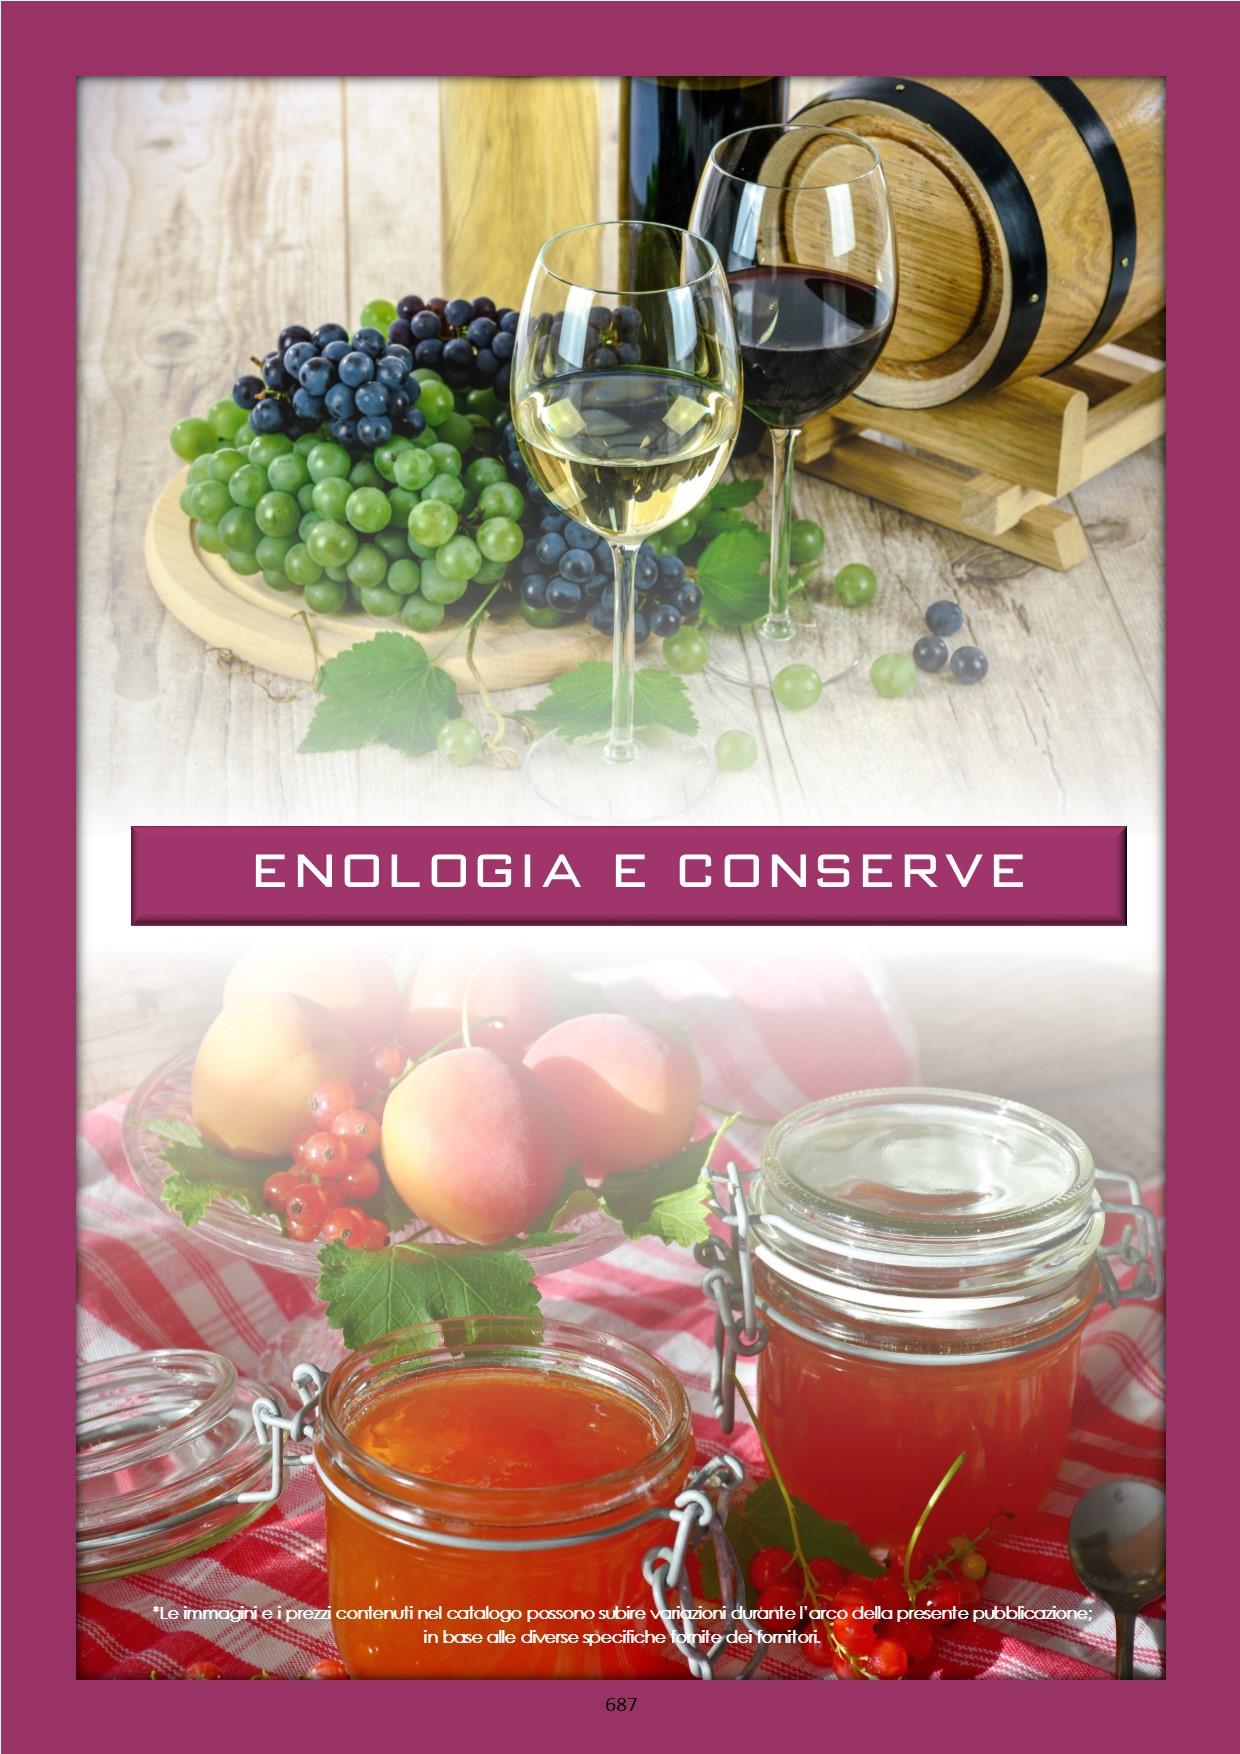 Enologia e conserve